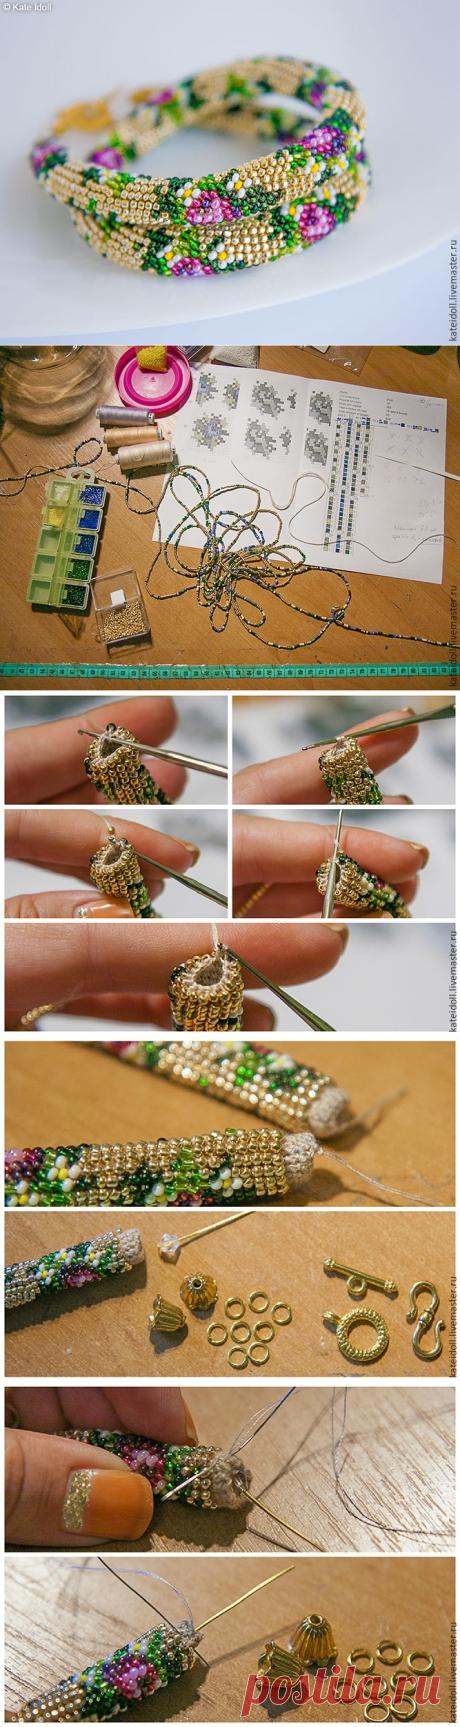 Вяжем бисерный жгут крючком — Сделай сам, идеи для творчества - DIY Ideas